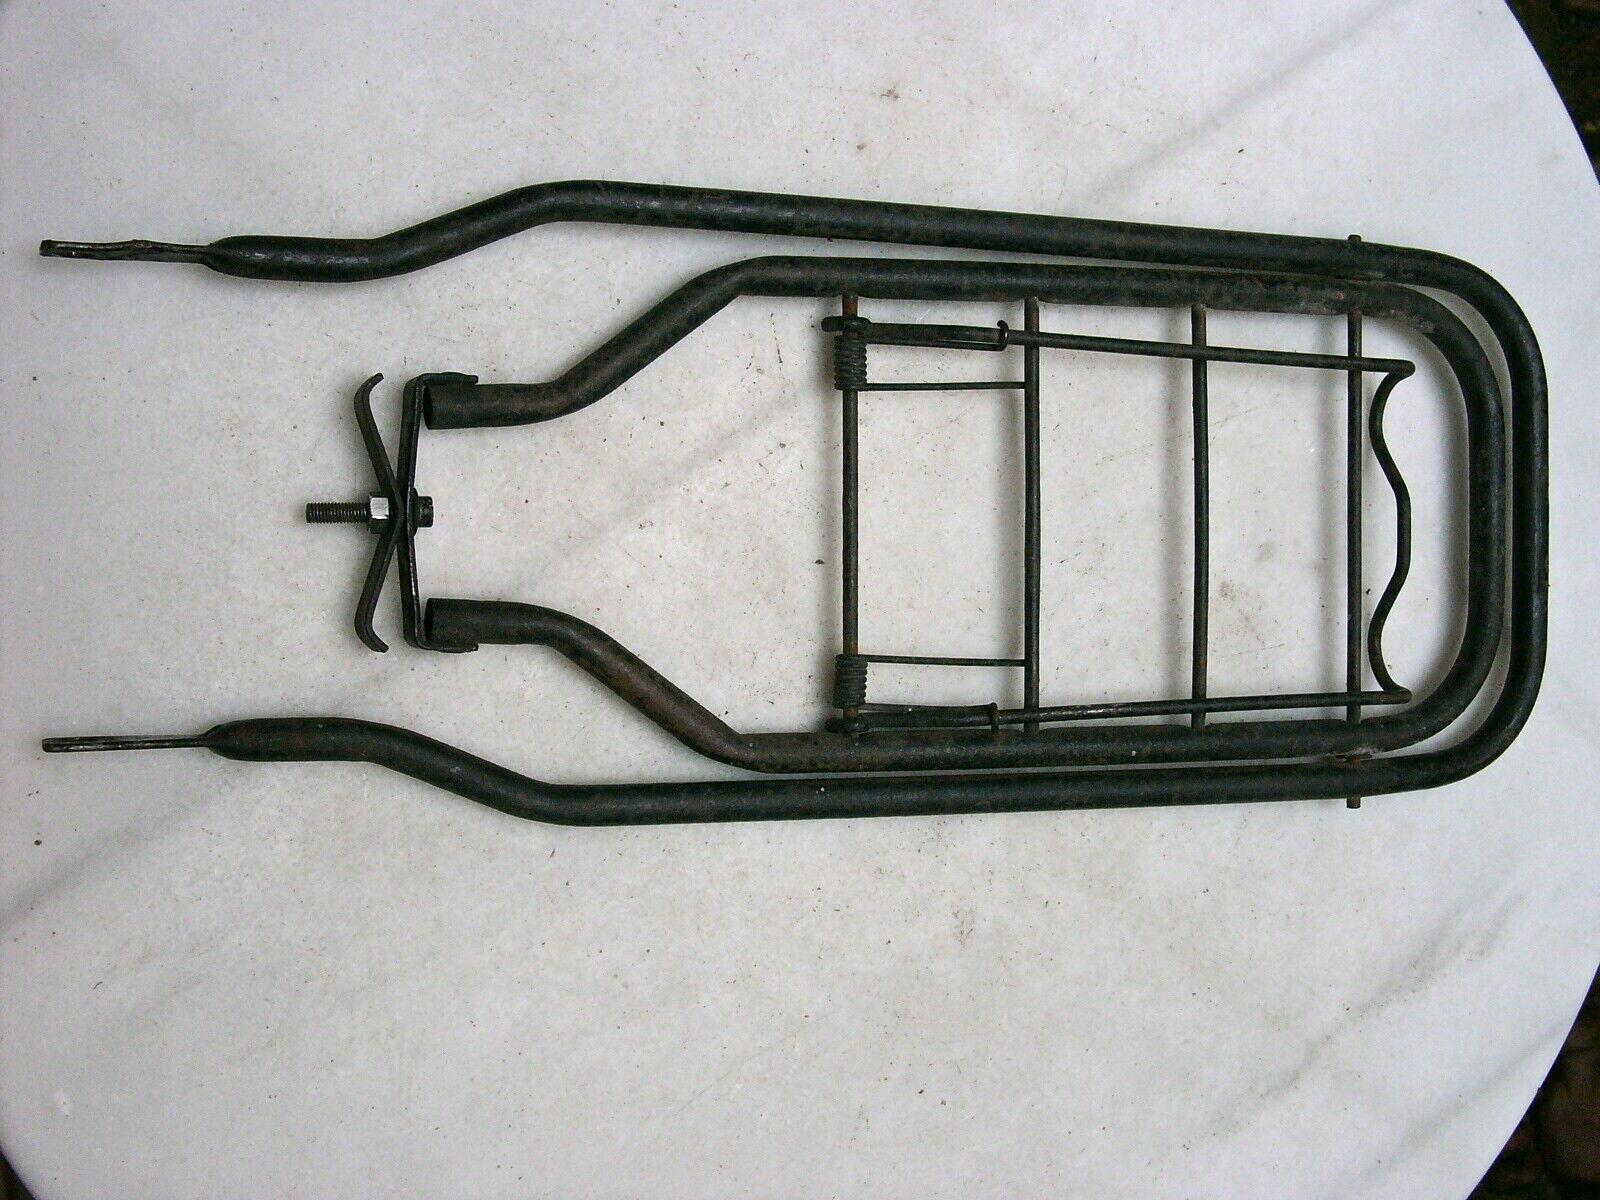 Vintage bicycle rear rack